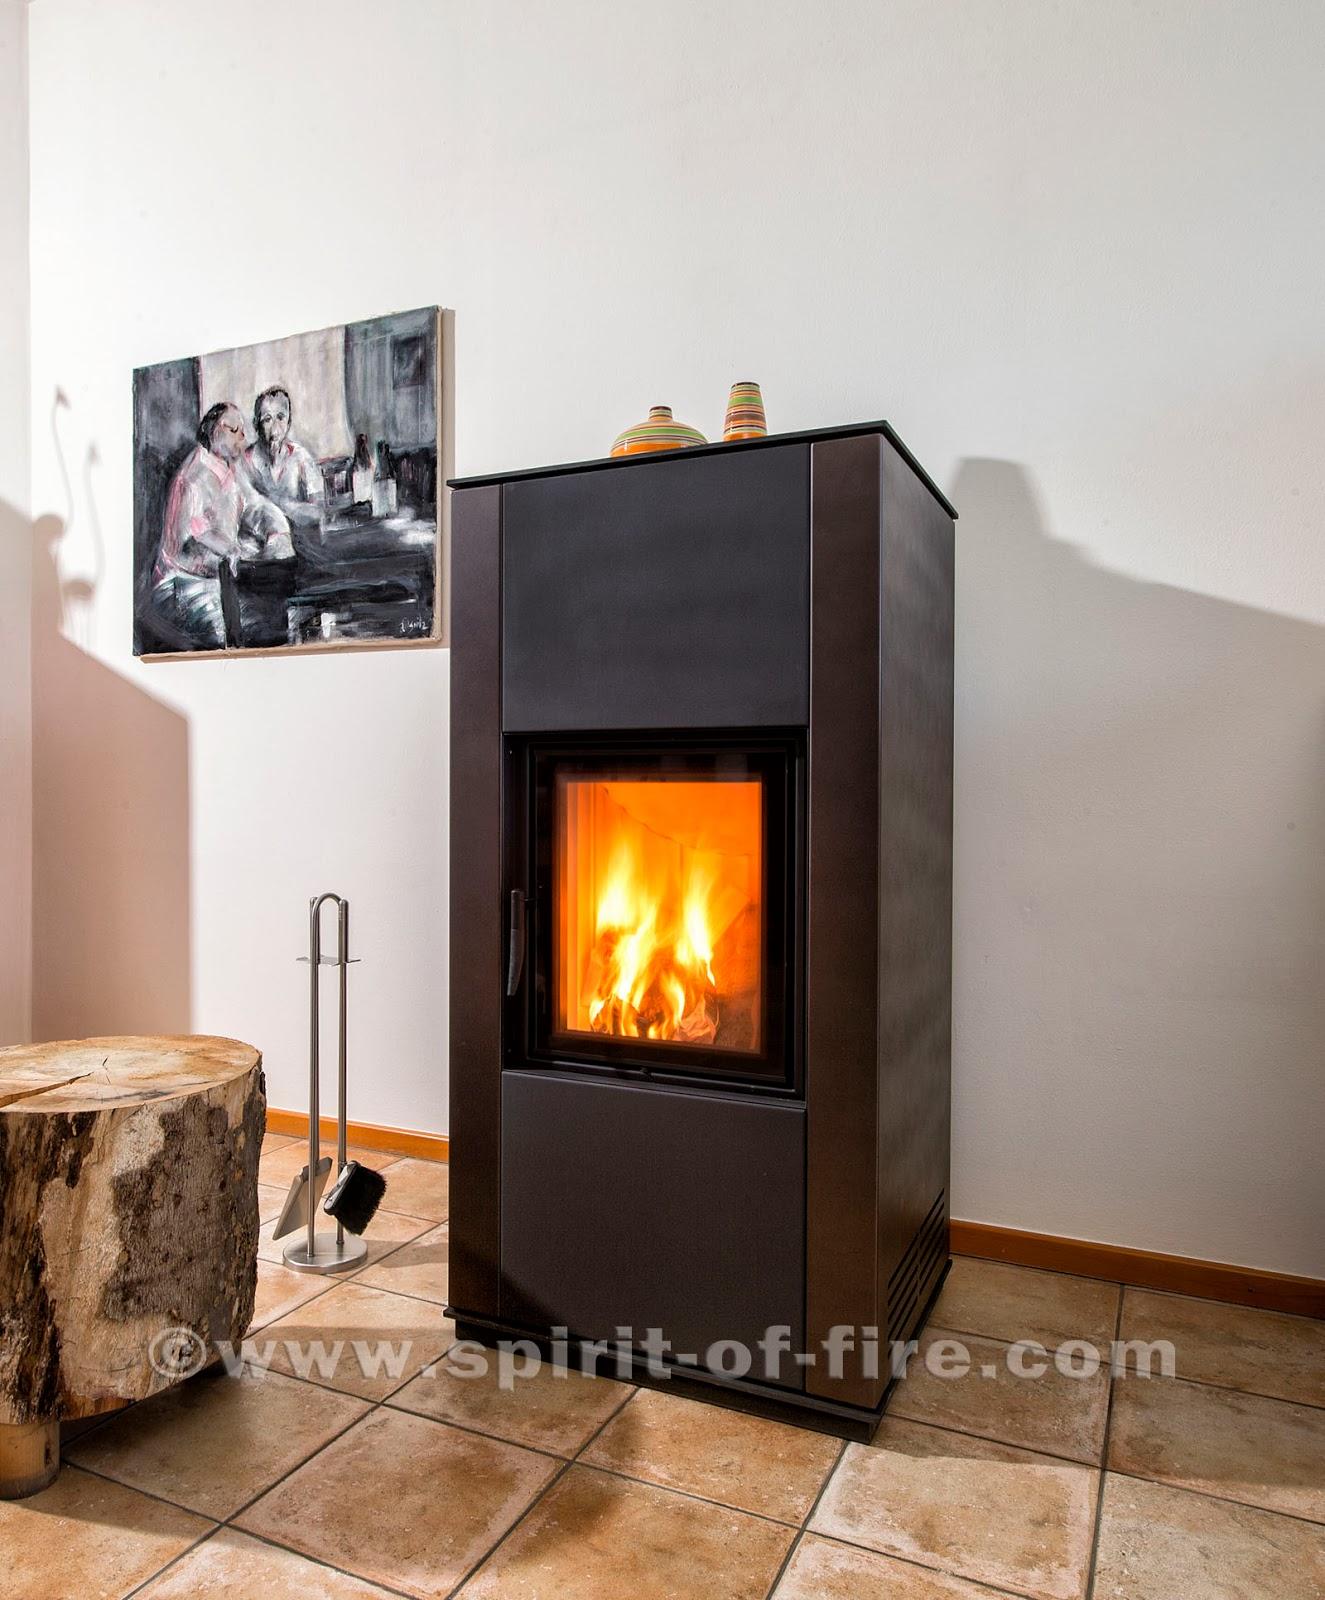 kachelofen kamin specksteinofen kaminofen und mehr. Black Bedroom Furniture Sets. Home Design Ideas